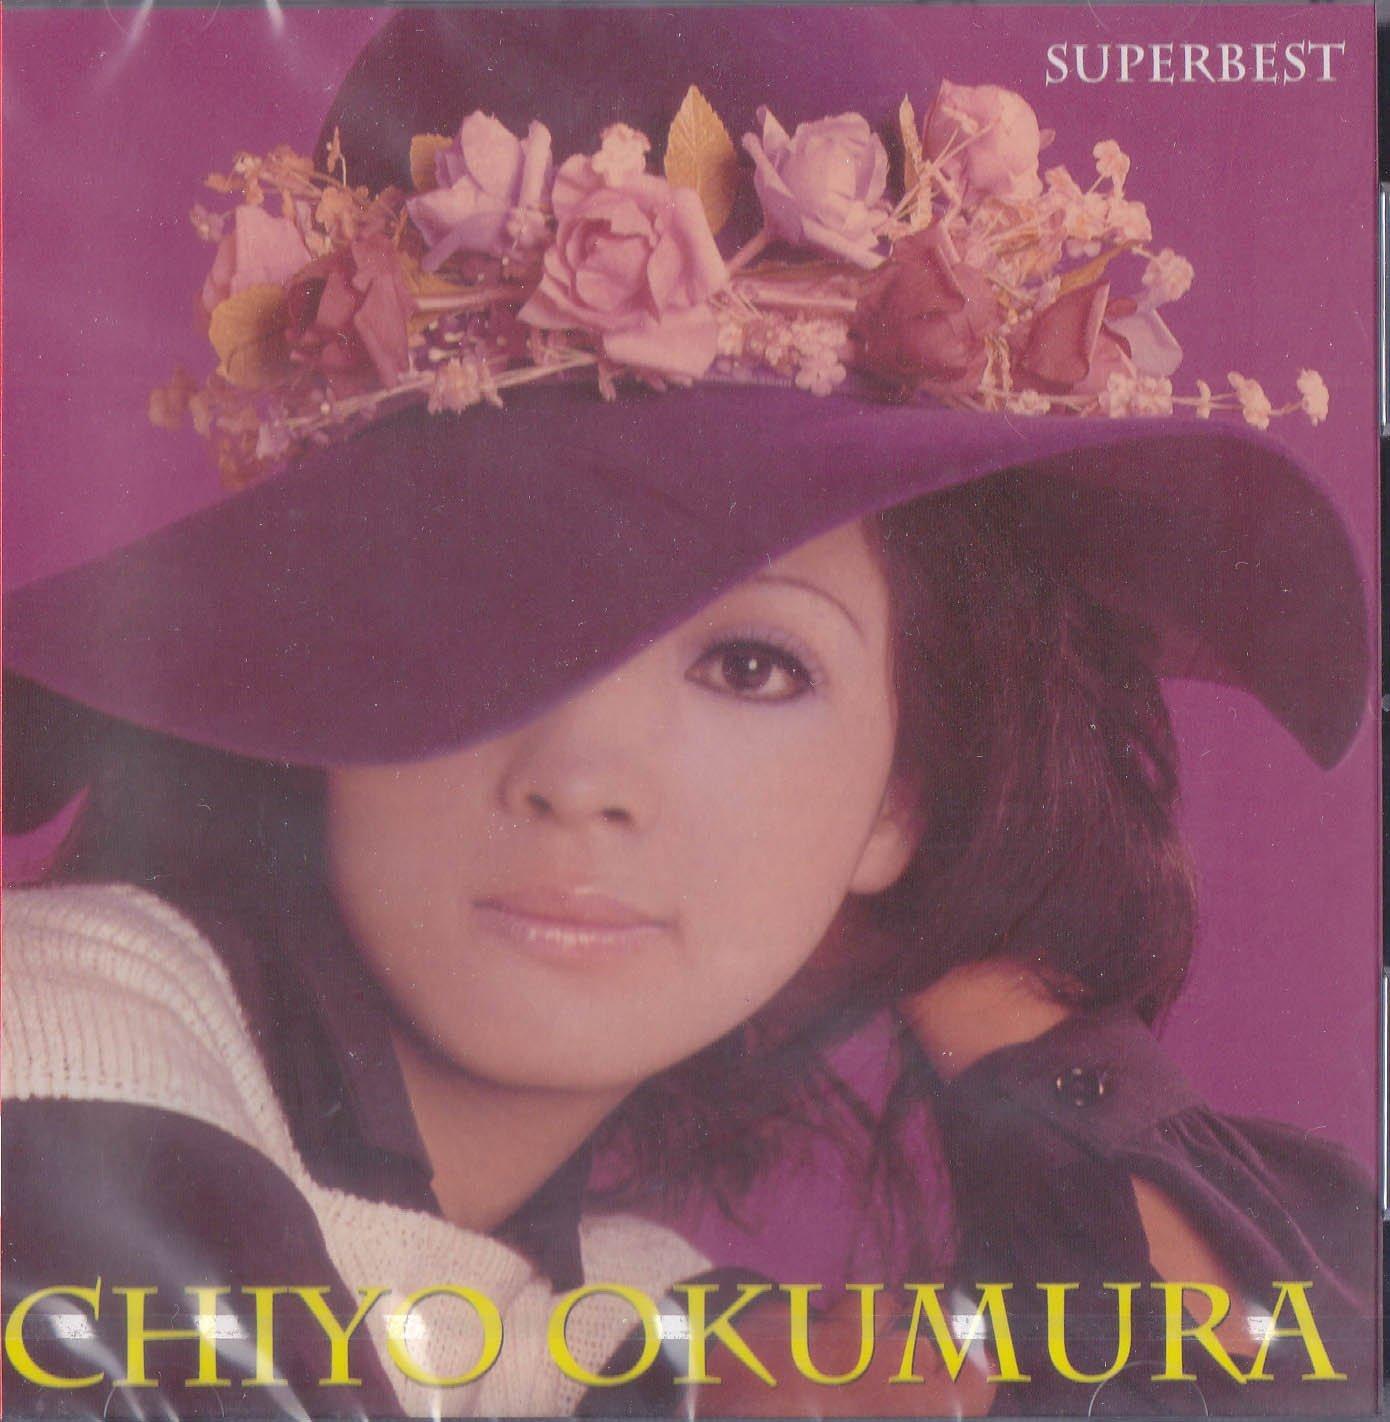 Chiyo Okumura / 奥村チヨ